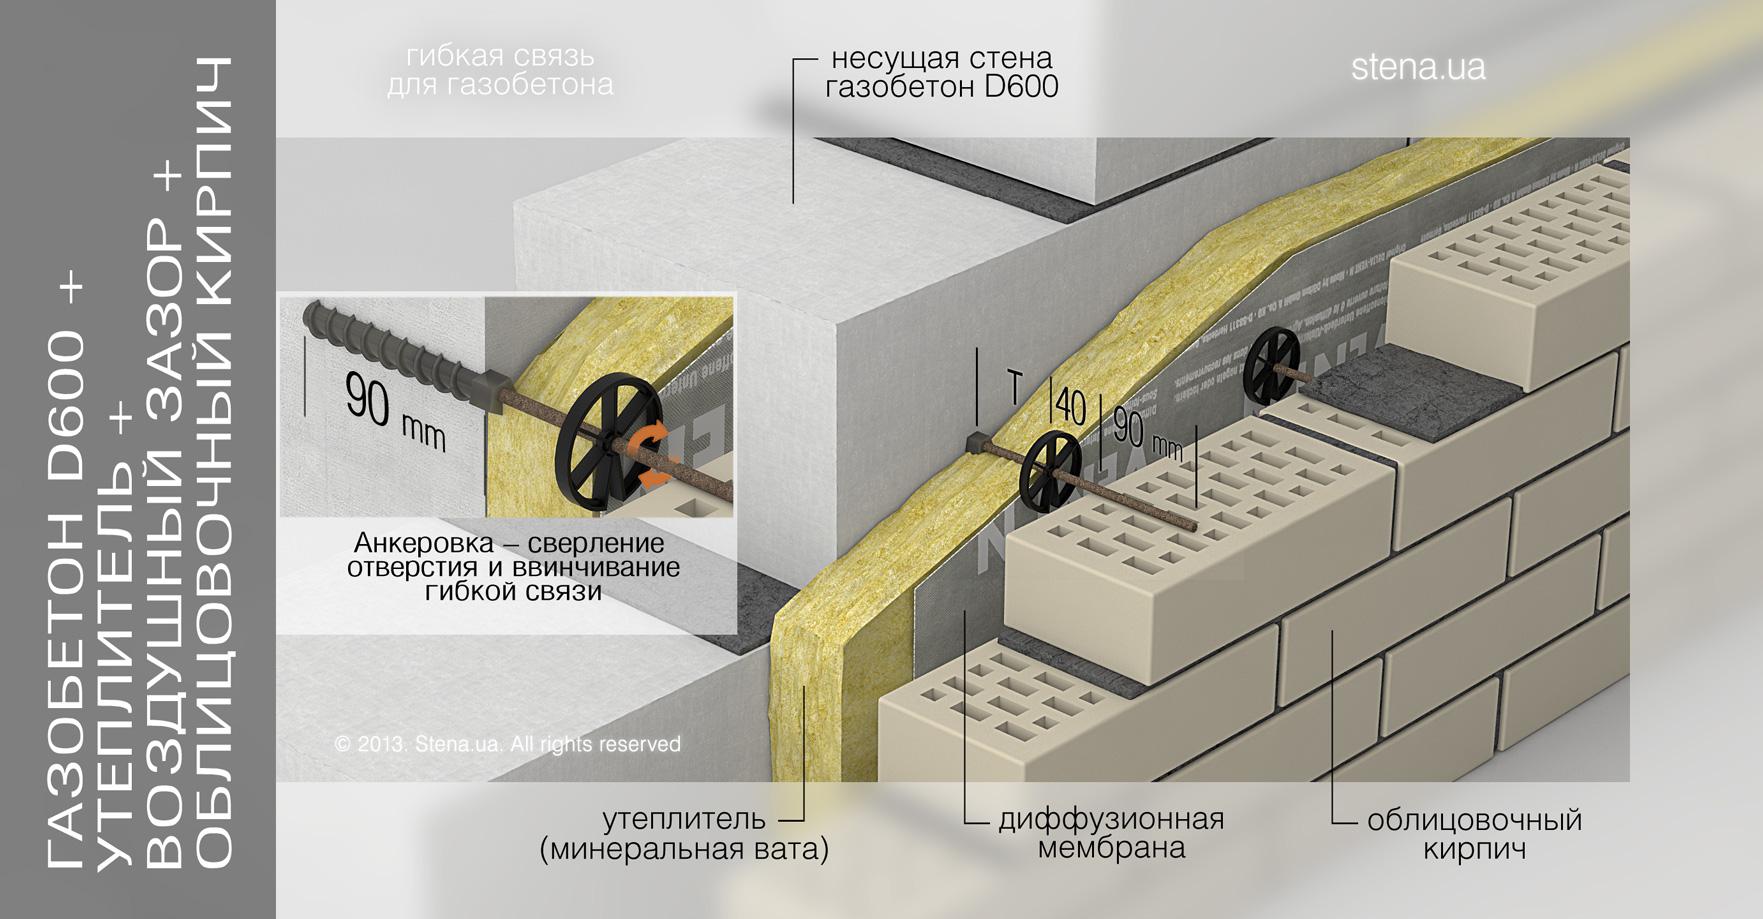 Гибкая связь для газобетона: Газобетон D600 + Утеплитель + Воздушный зазор + Облицовочный кирпич